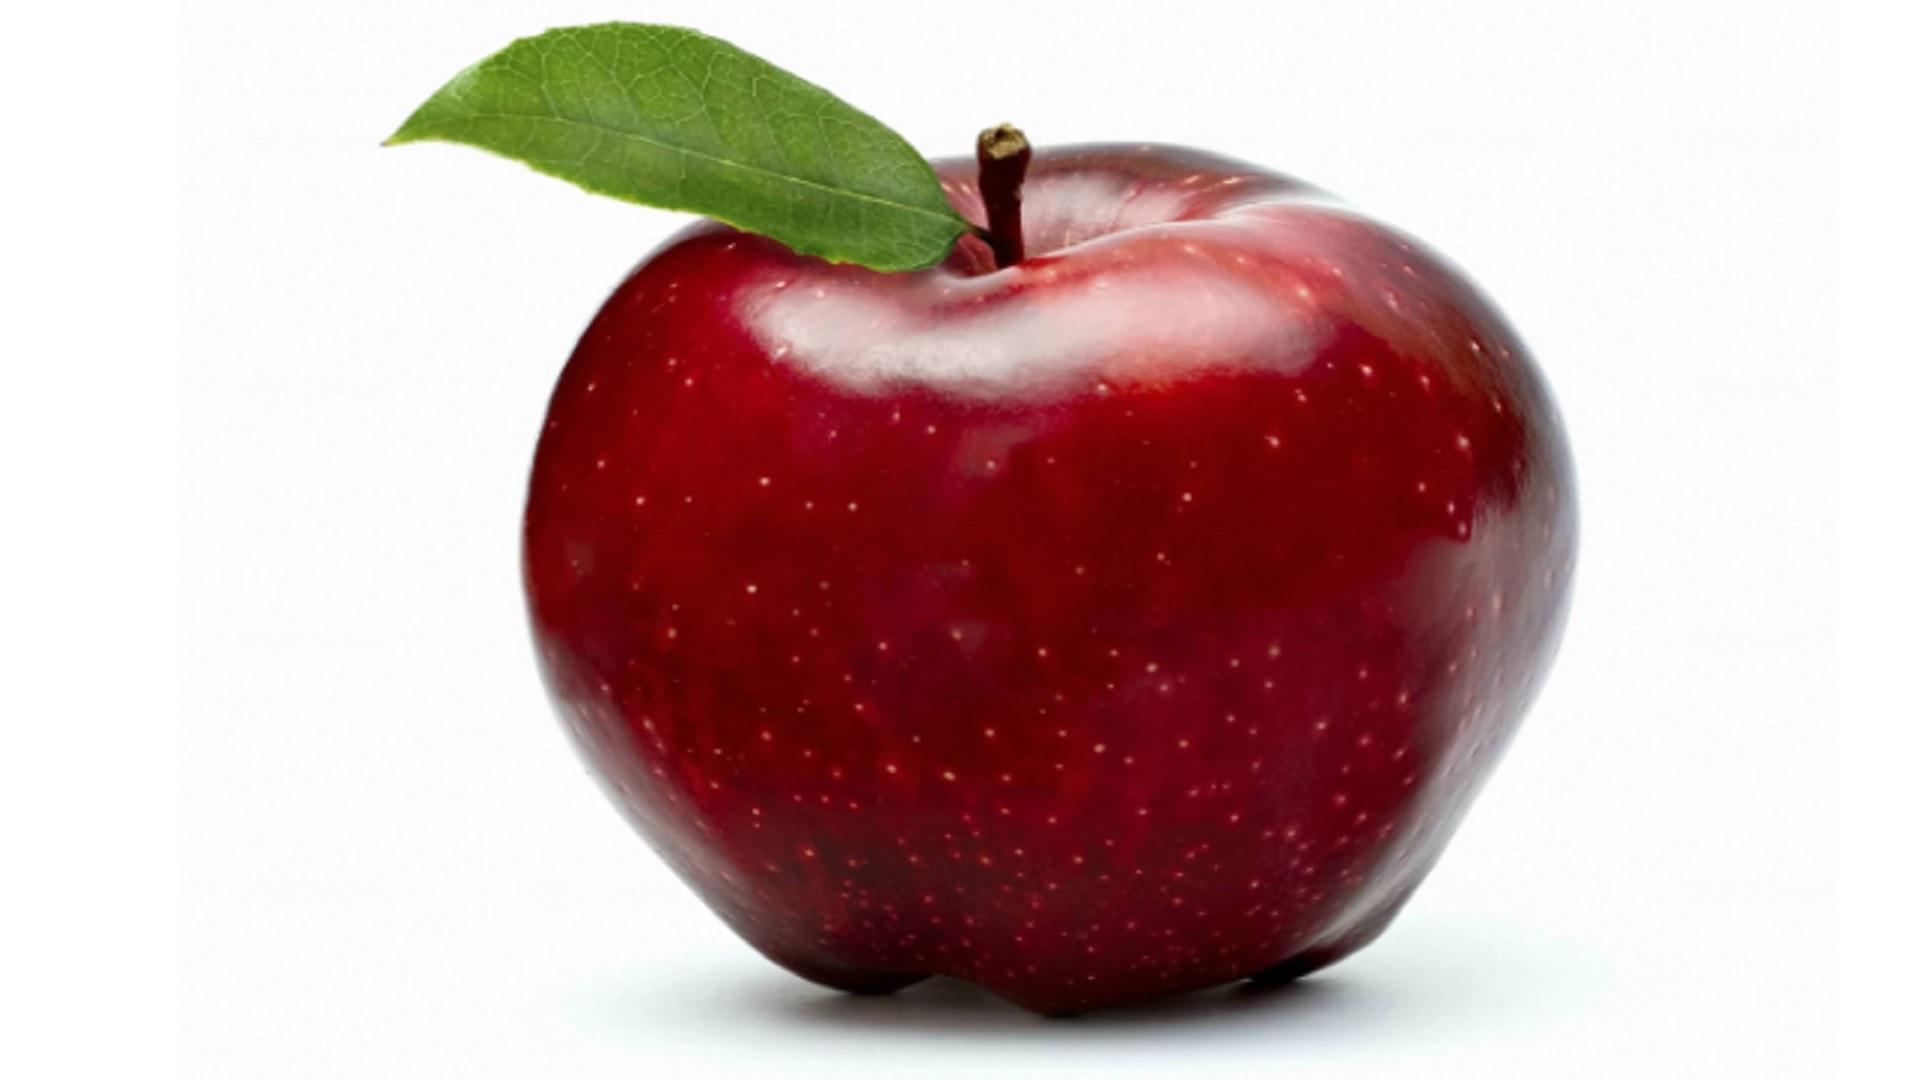 Non dichiara una mela in aeroporto: multa da 500 dollari